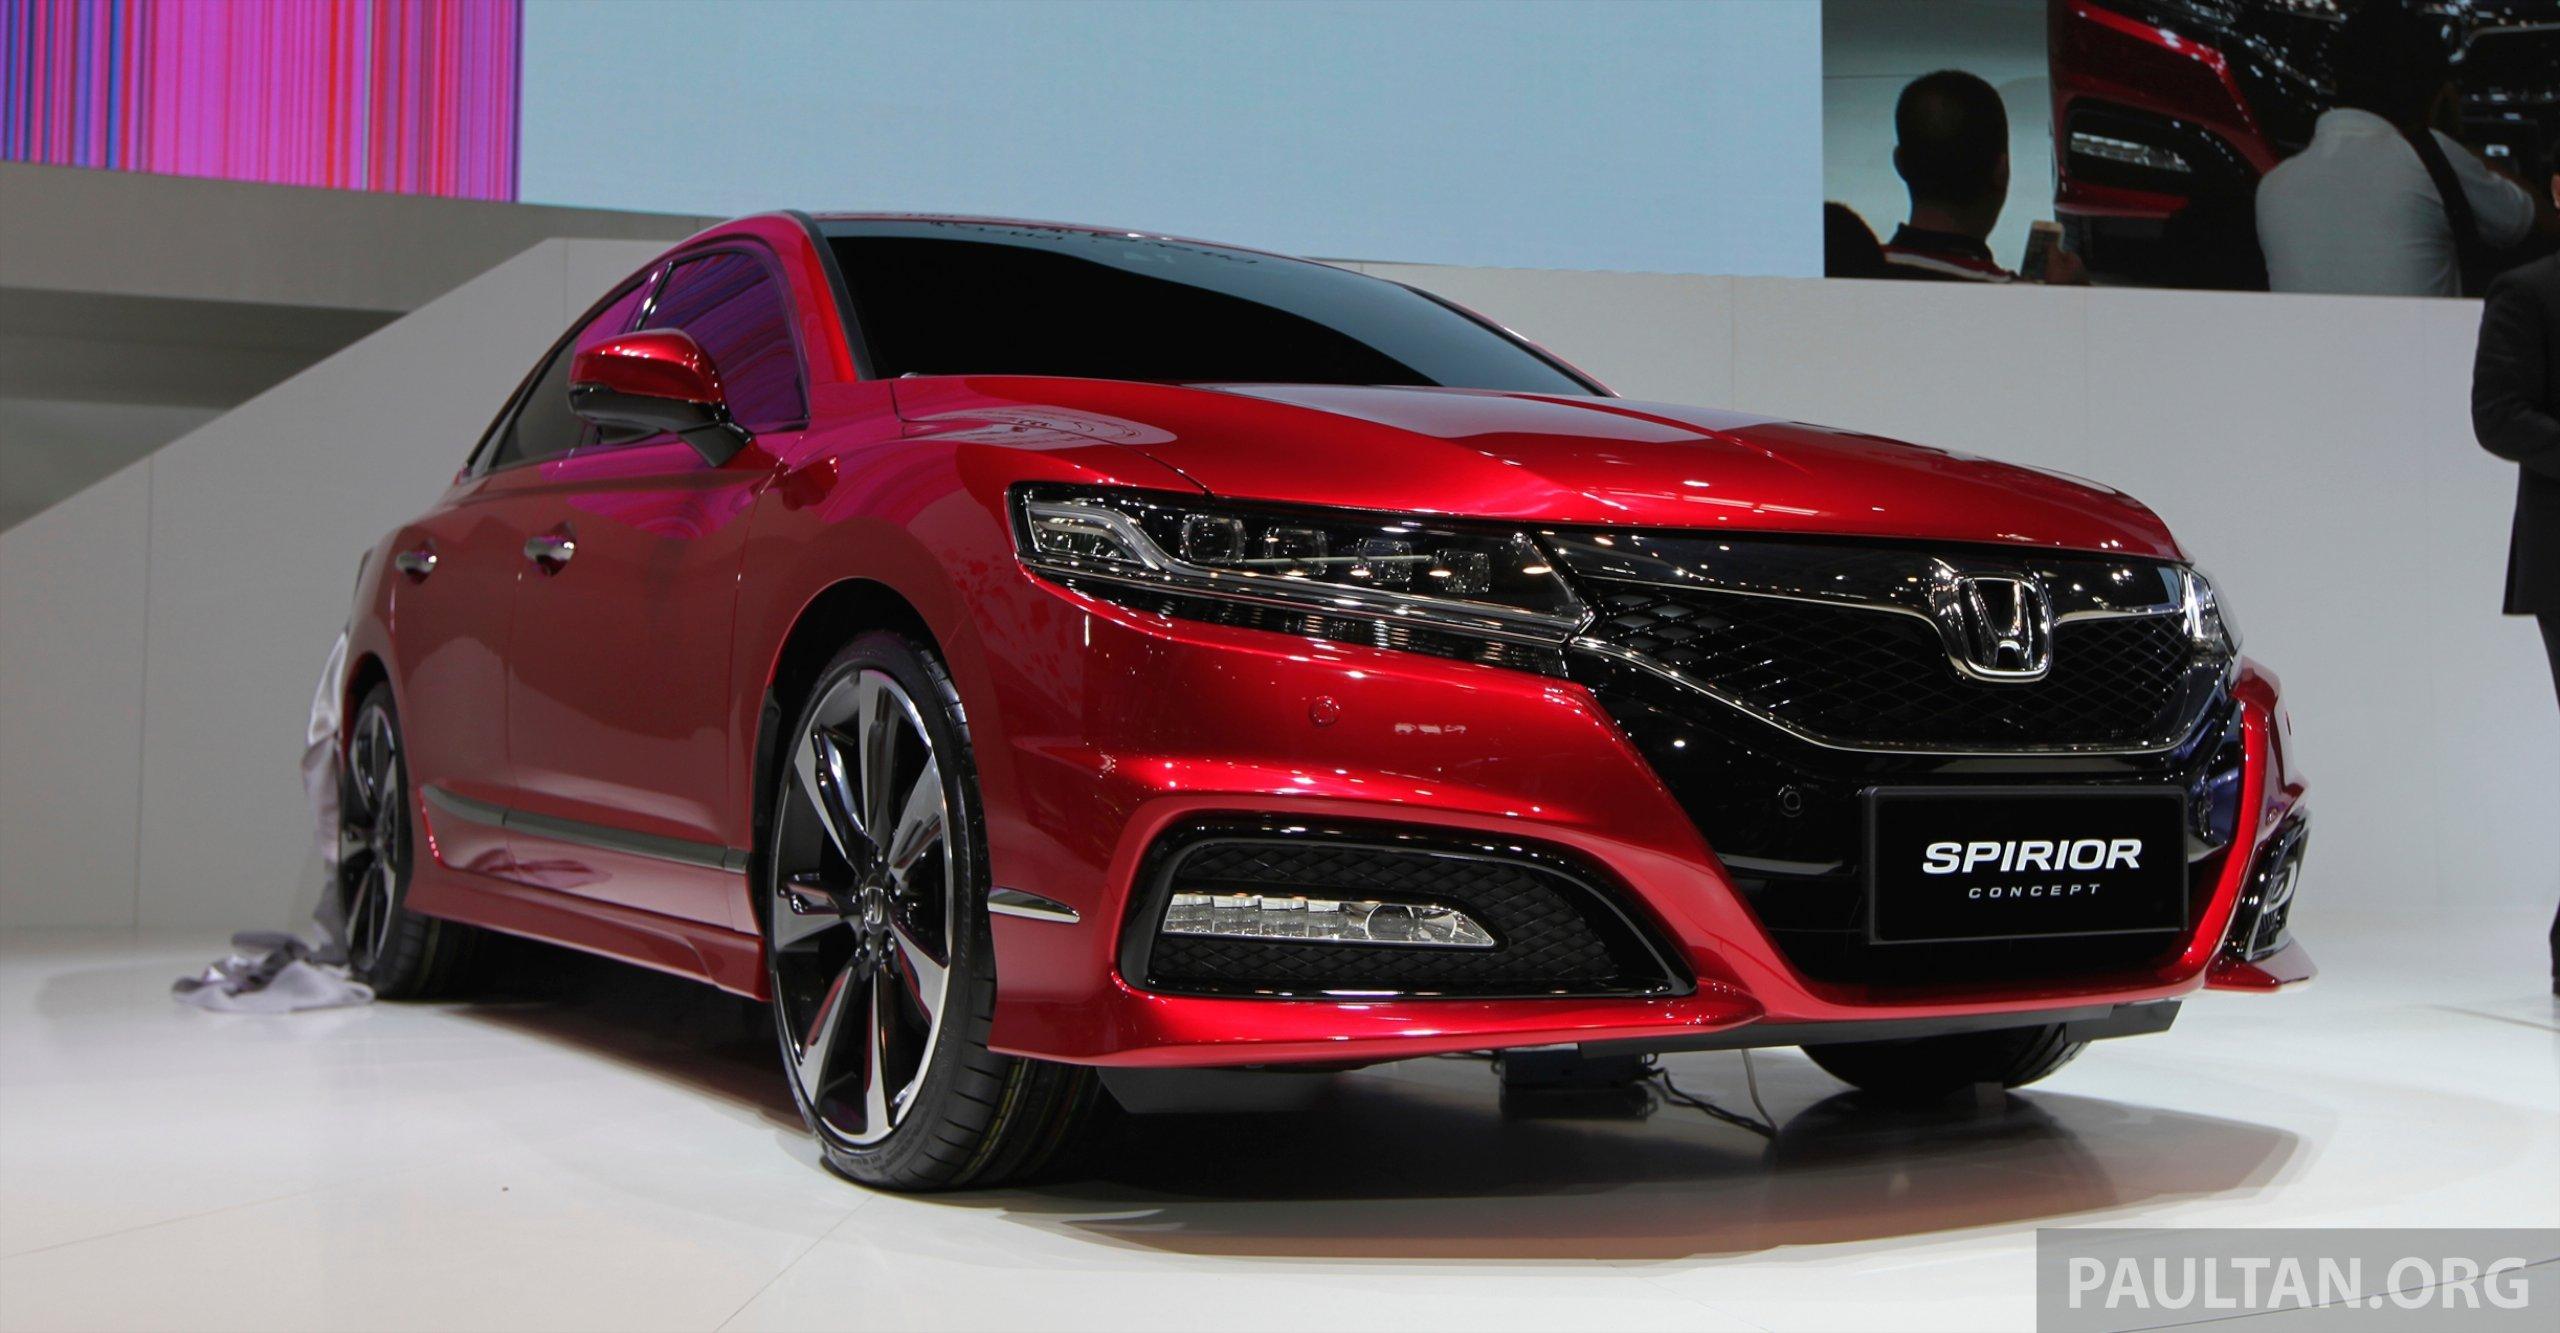 Back to Story: Honda Spirior Concept unveiled at Auto China 2014